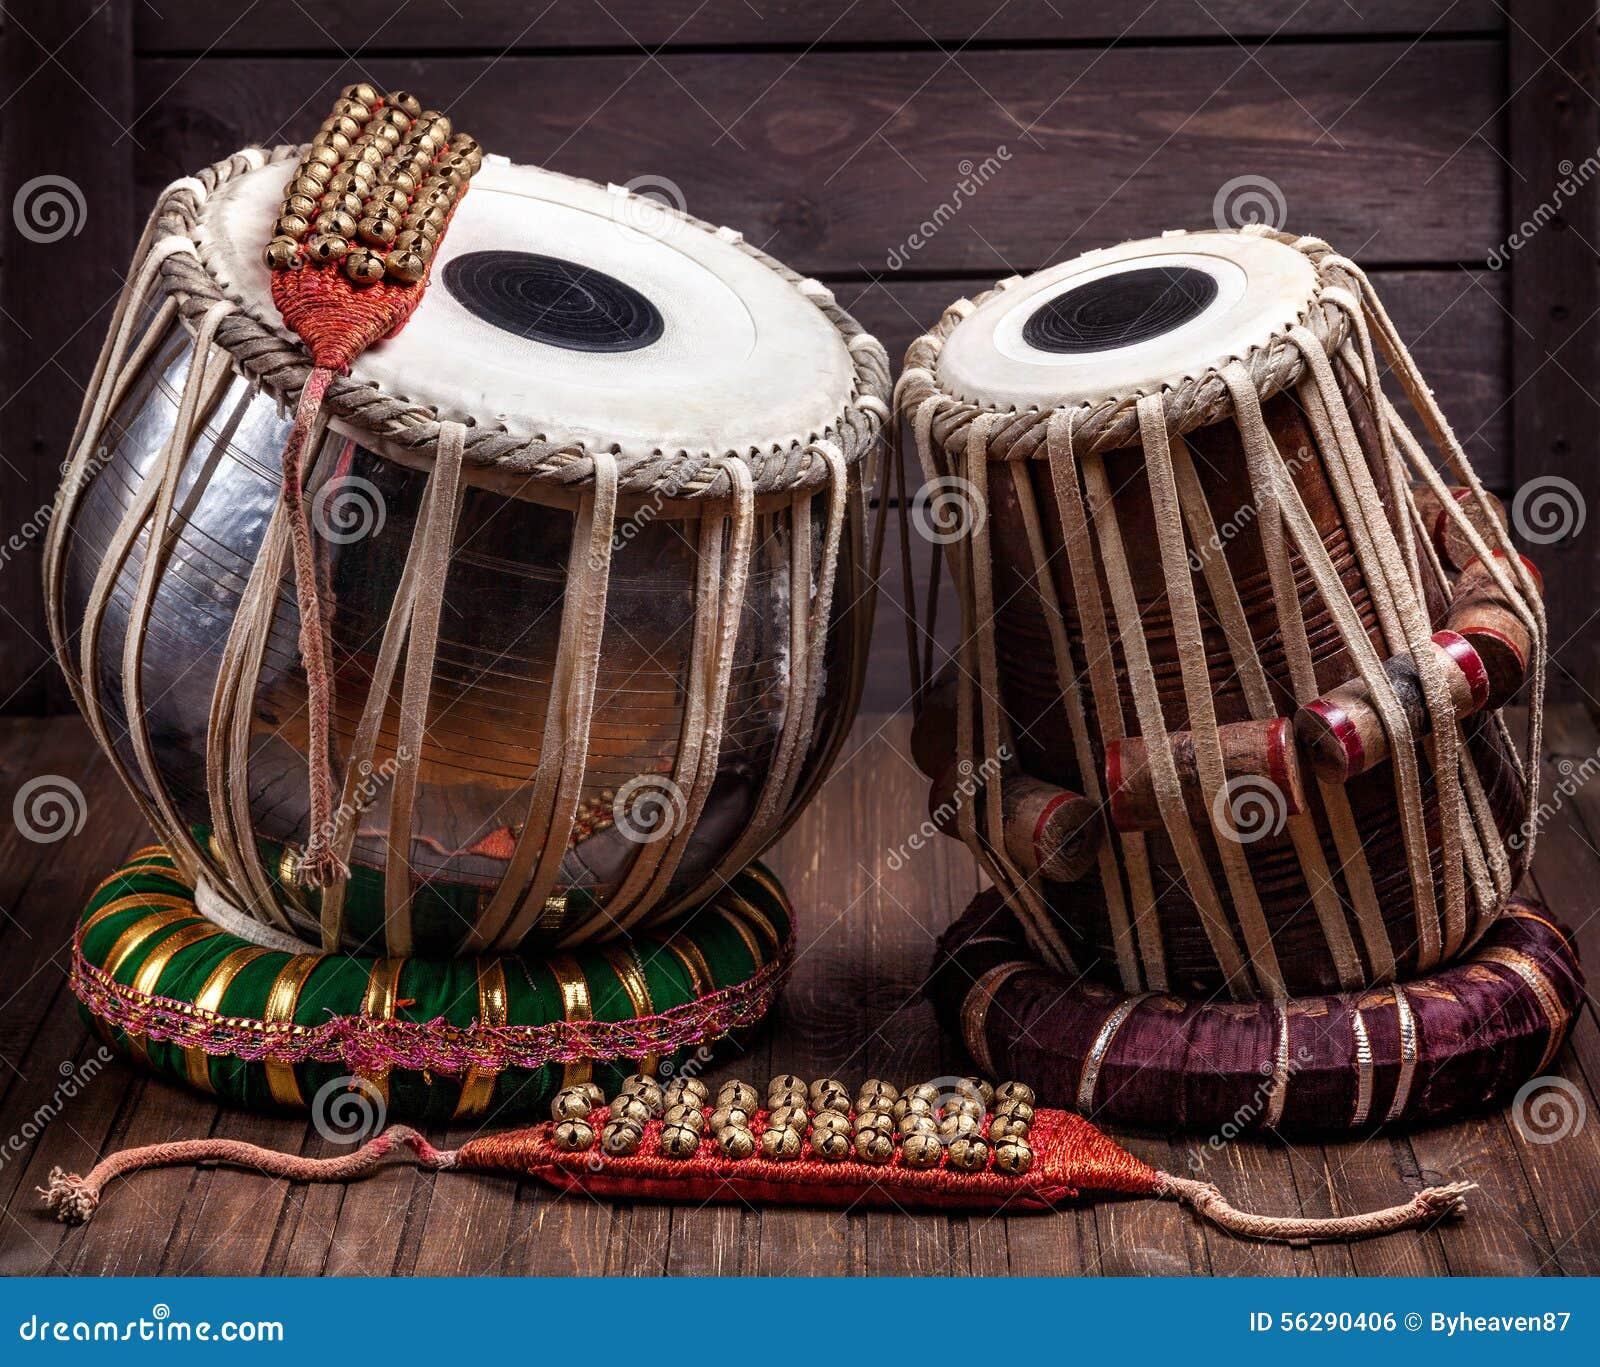 zakir hussain tabla instrumental mp3 free download